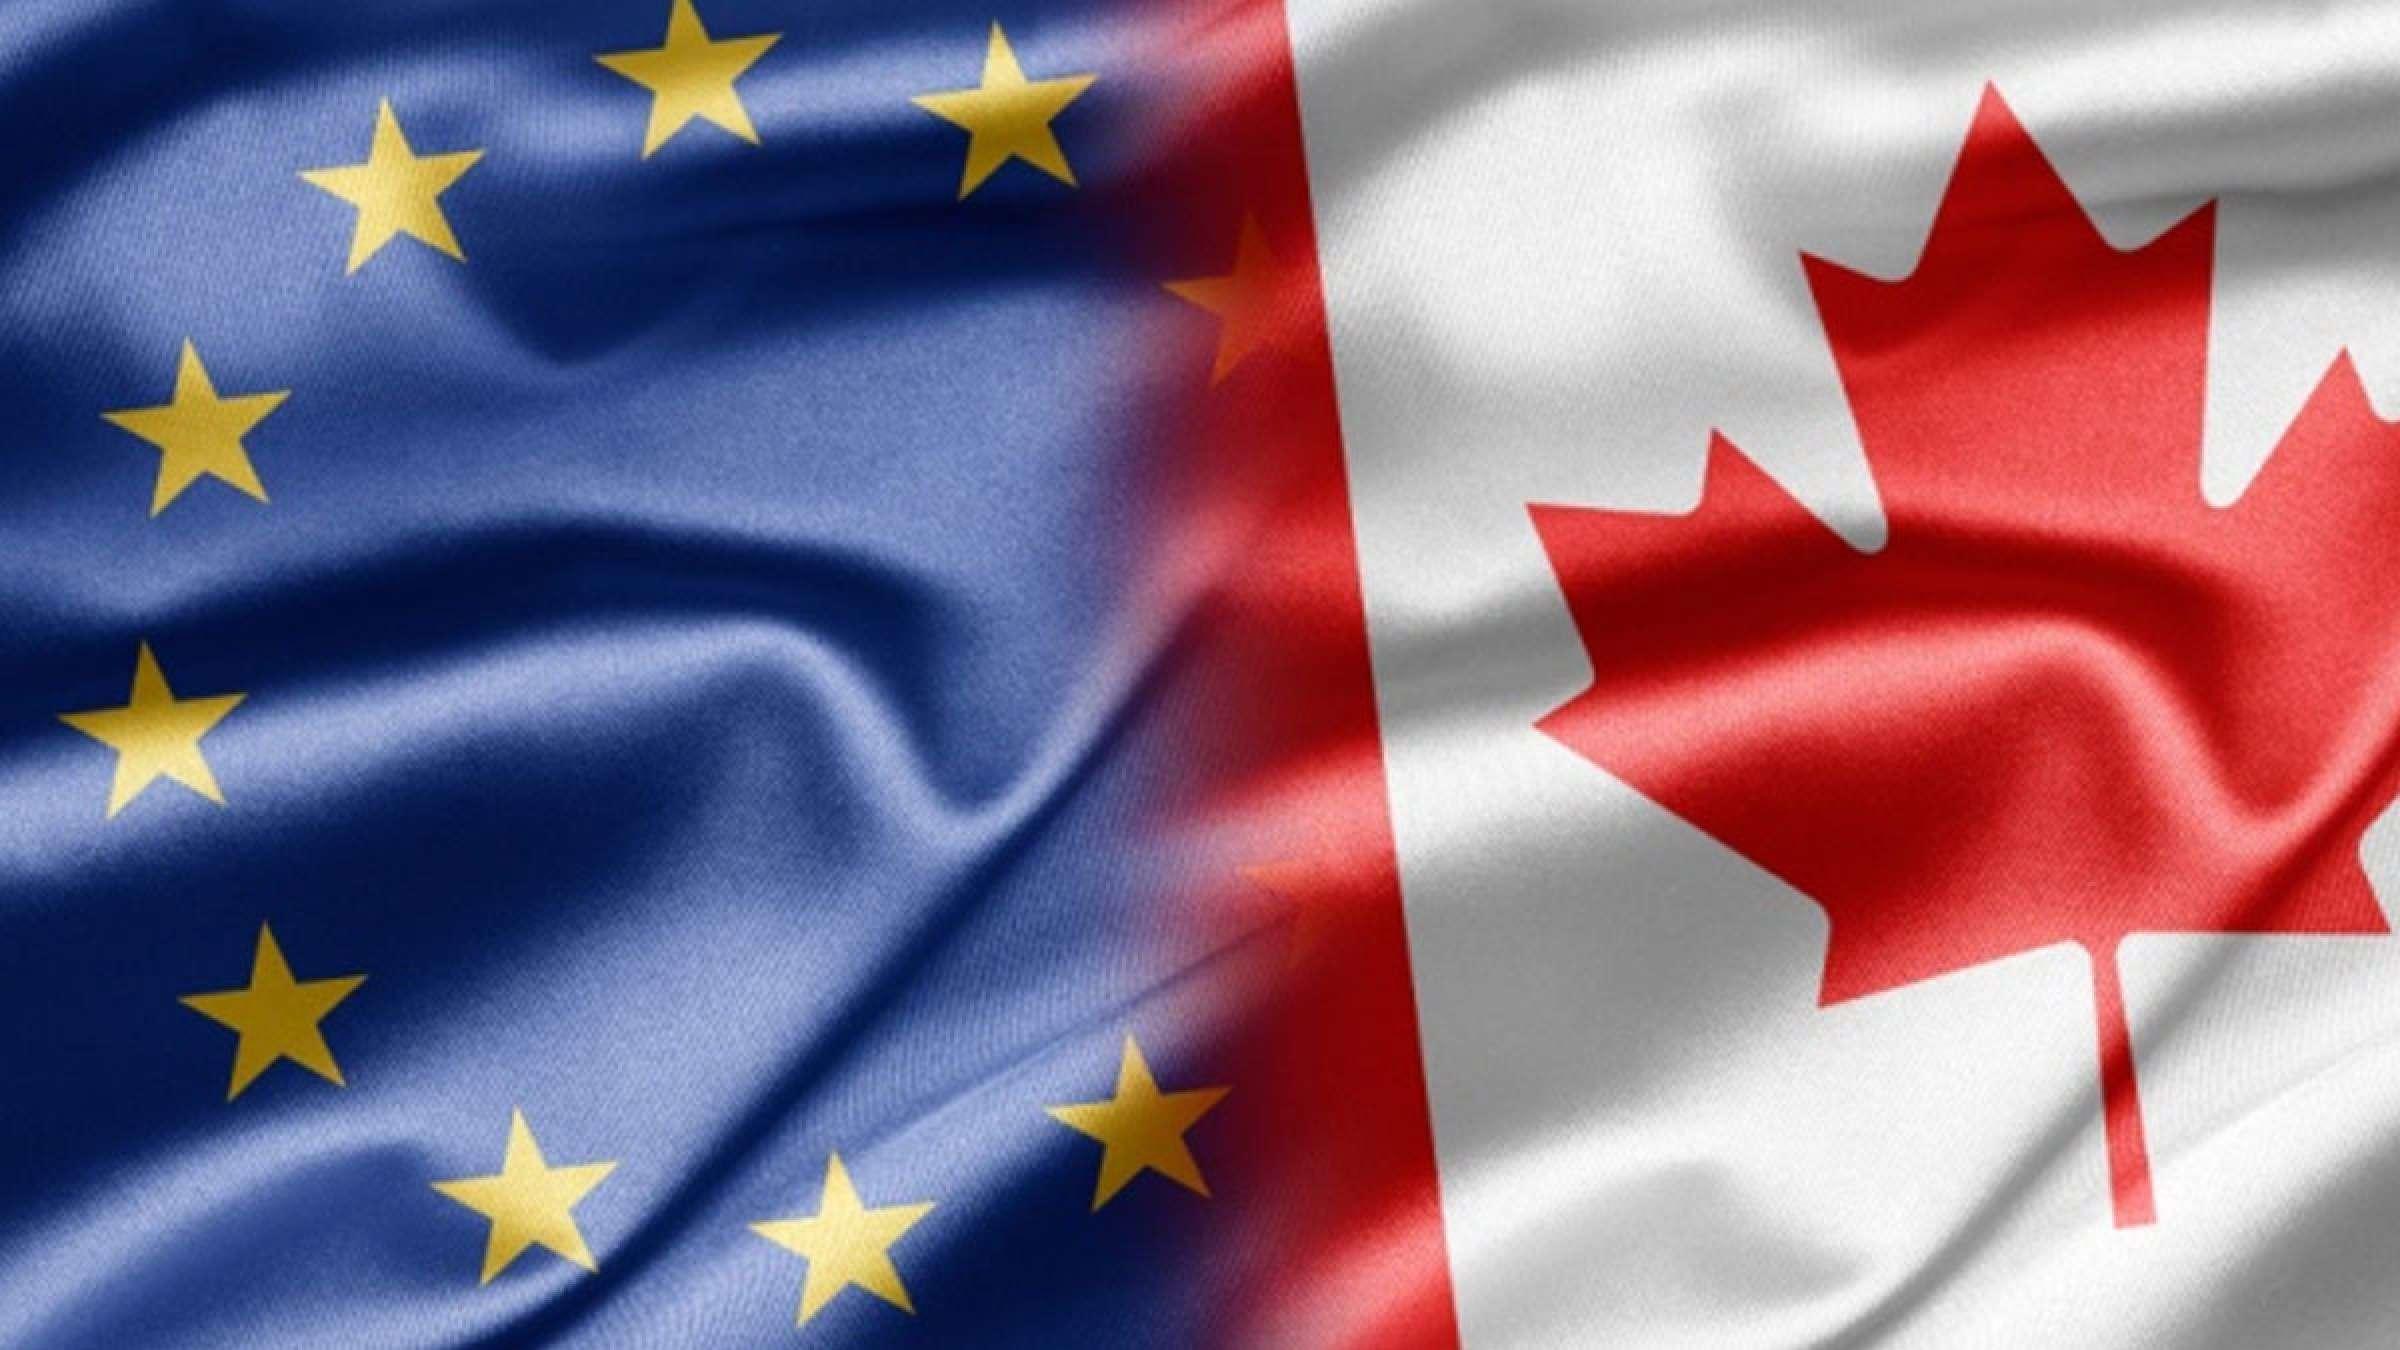 اخبار-کانادا-تظاهرات-شرکت-های-هواپیمایی-مقابل-مجلس-کانادا-و-ممنوعیت-پرواز-کانادایی-ها-به-اروپا